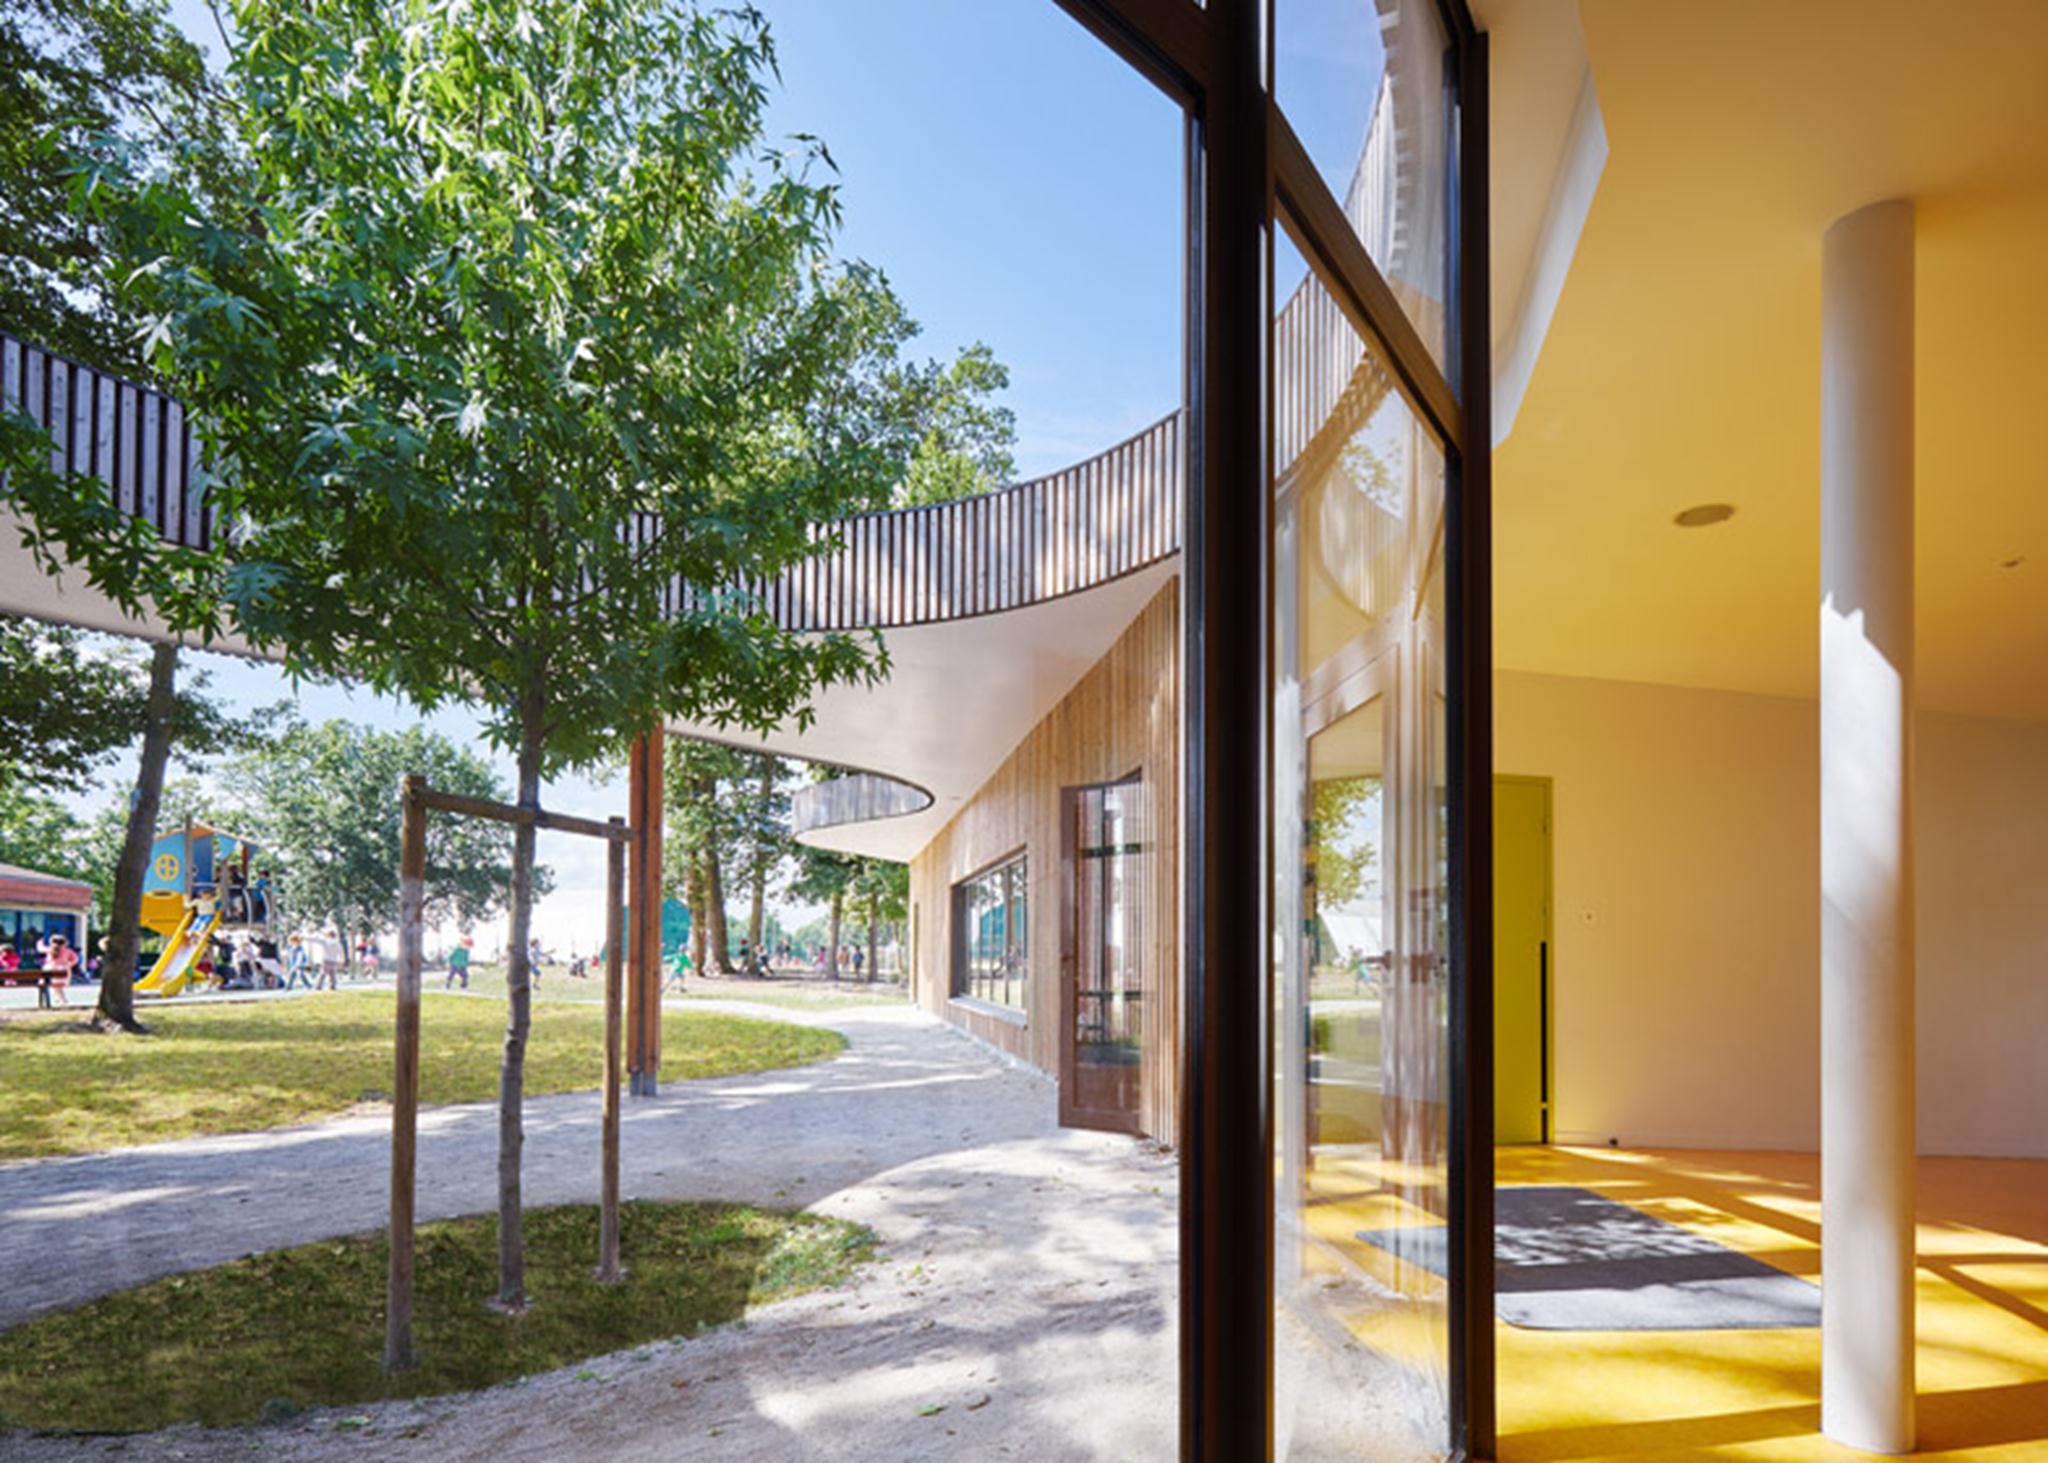 Dự án được xây dựng theo ba hướng. Các nút trung tâm chủ yếu được phủ kính và chứa các khu vực tiếp tân và khu vườn nhỏ.